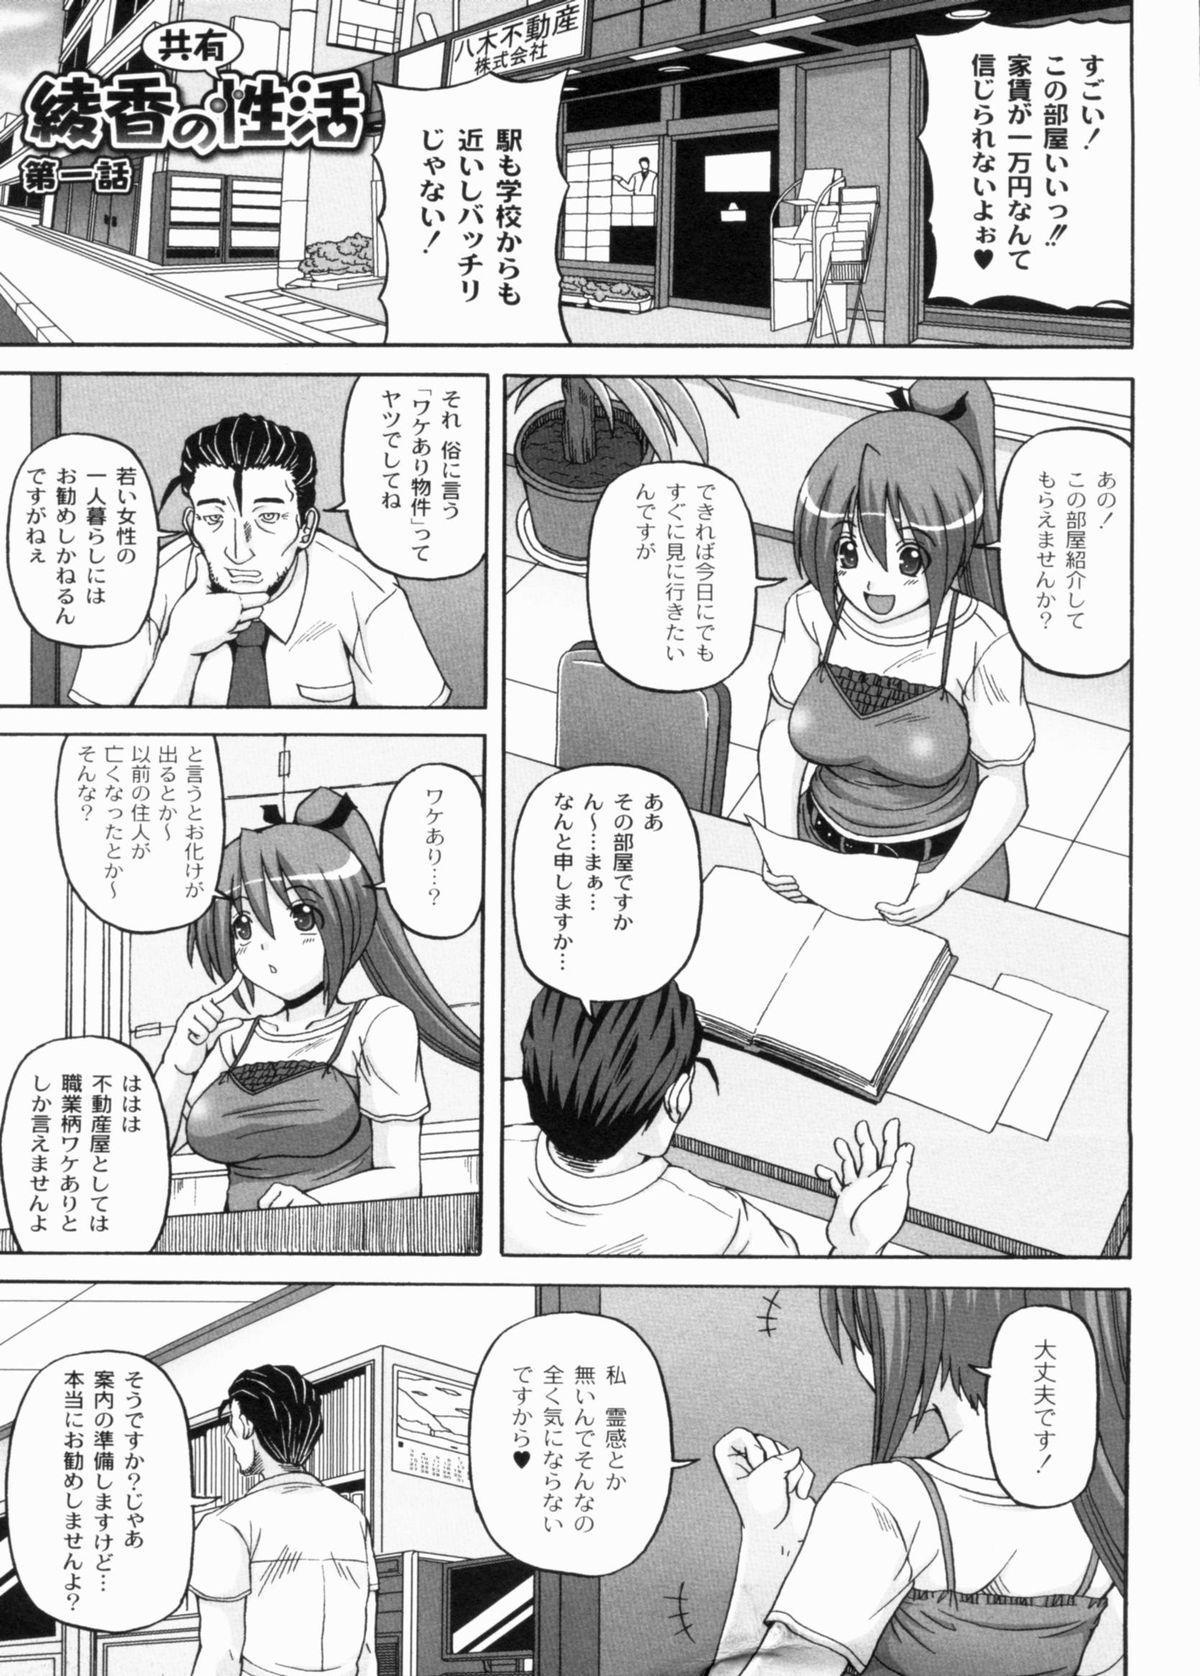 Ayaka no Kyouyuu Seikatsu 8